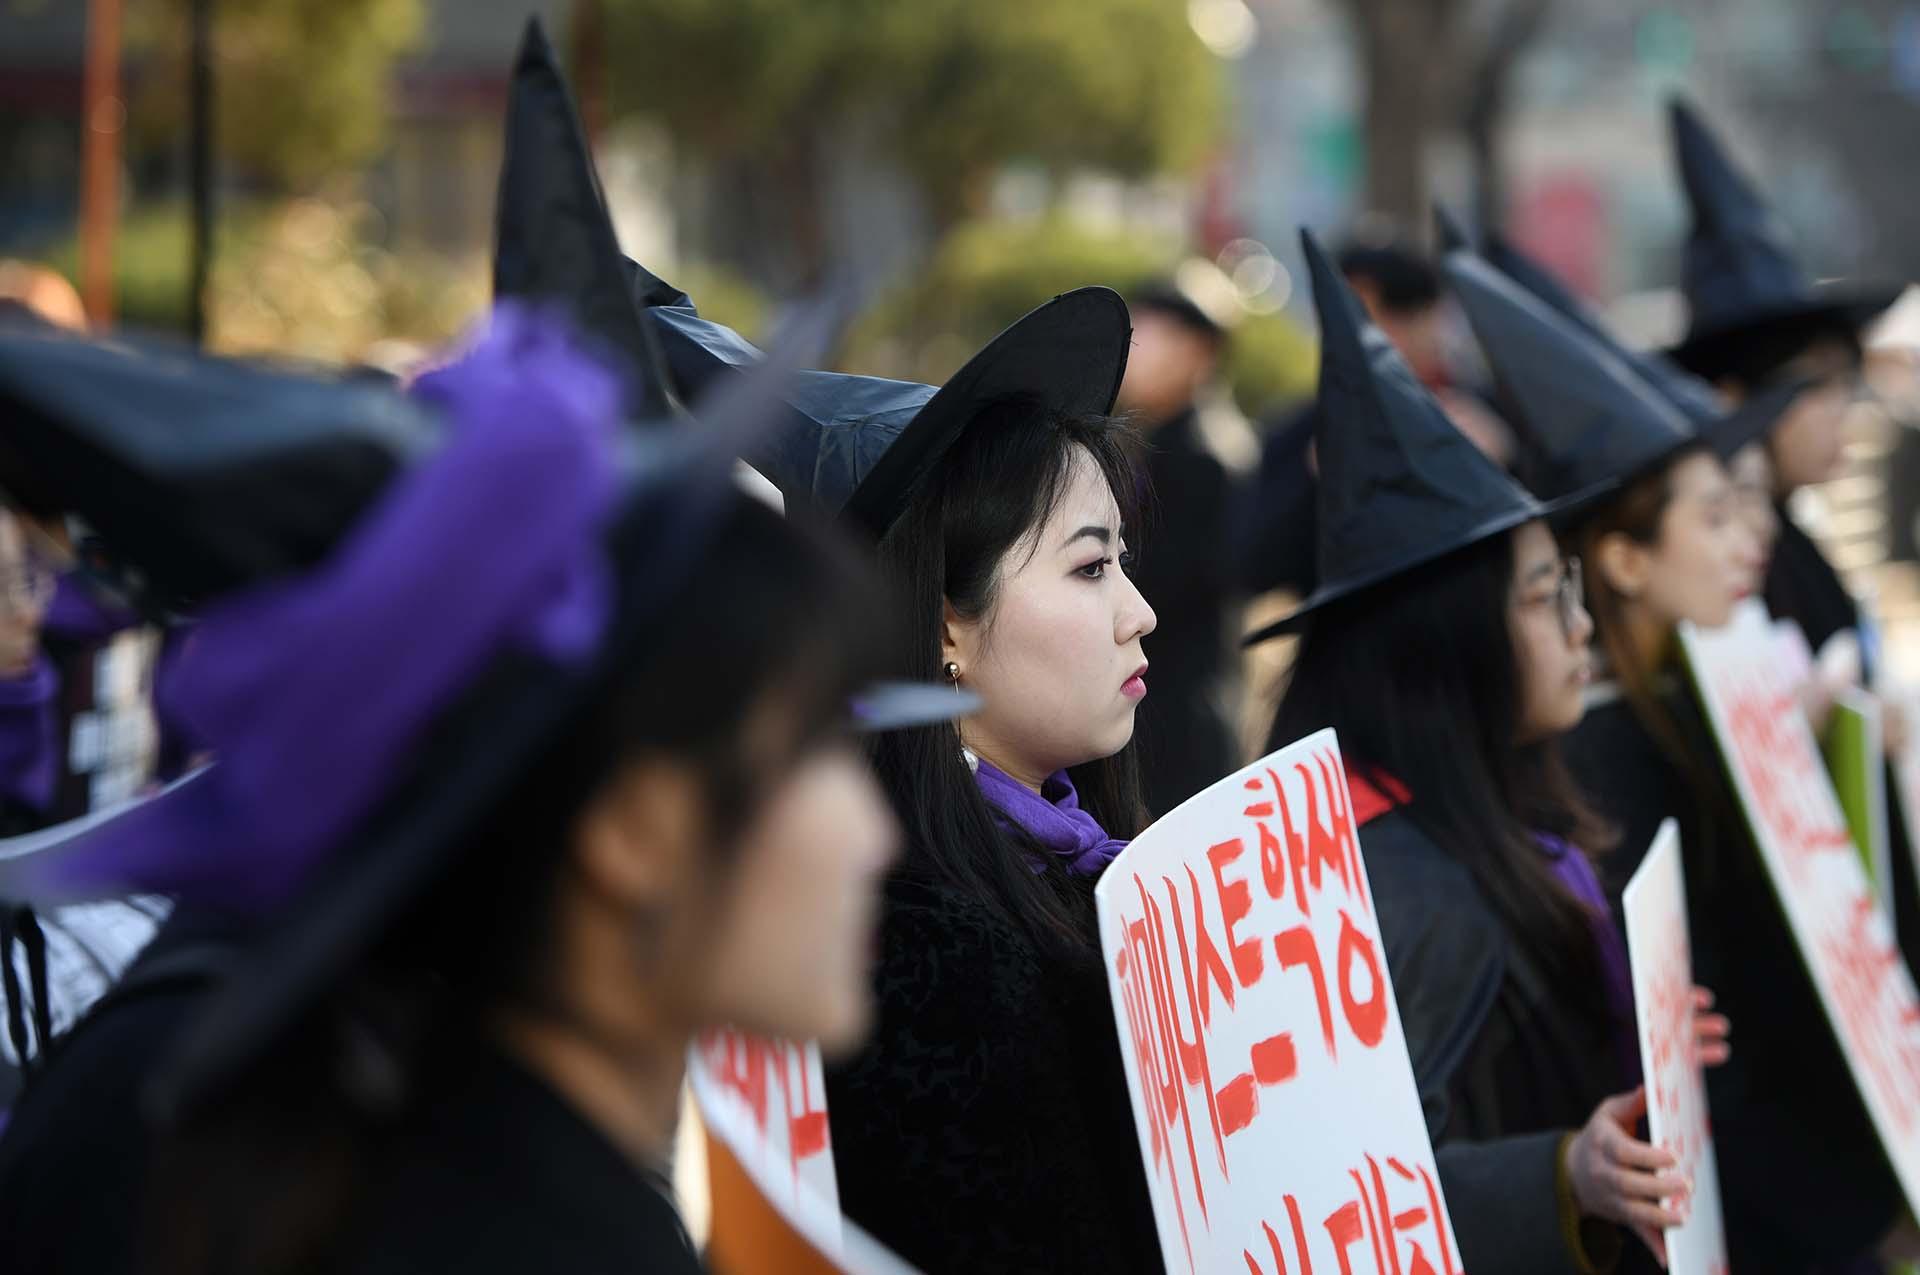 Mujeres surcoreanas vestidas de brujas mientras sostienen pancartas feministas en Seu (Photo by JUNG Yeon-Je / AFP)